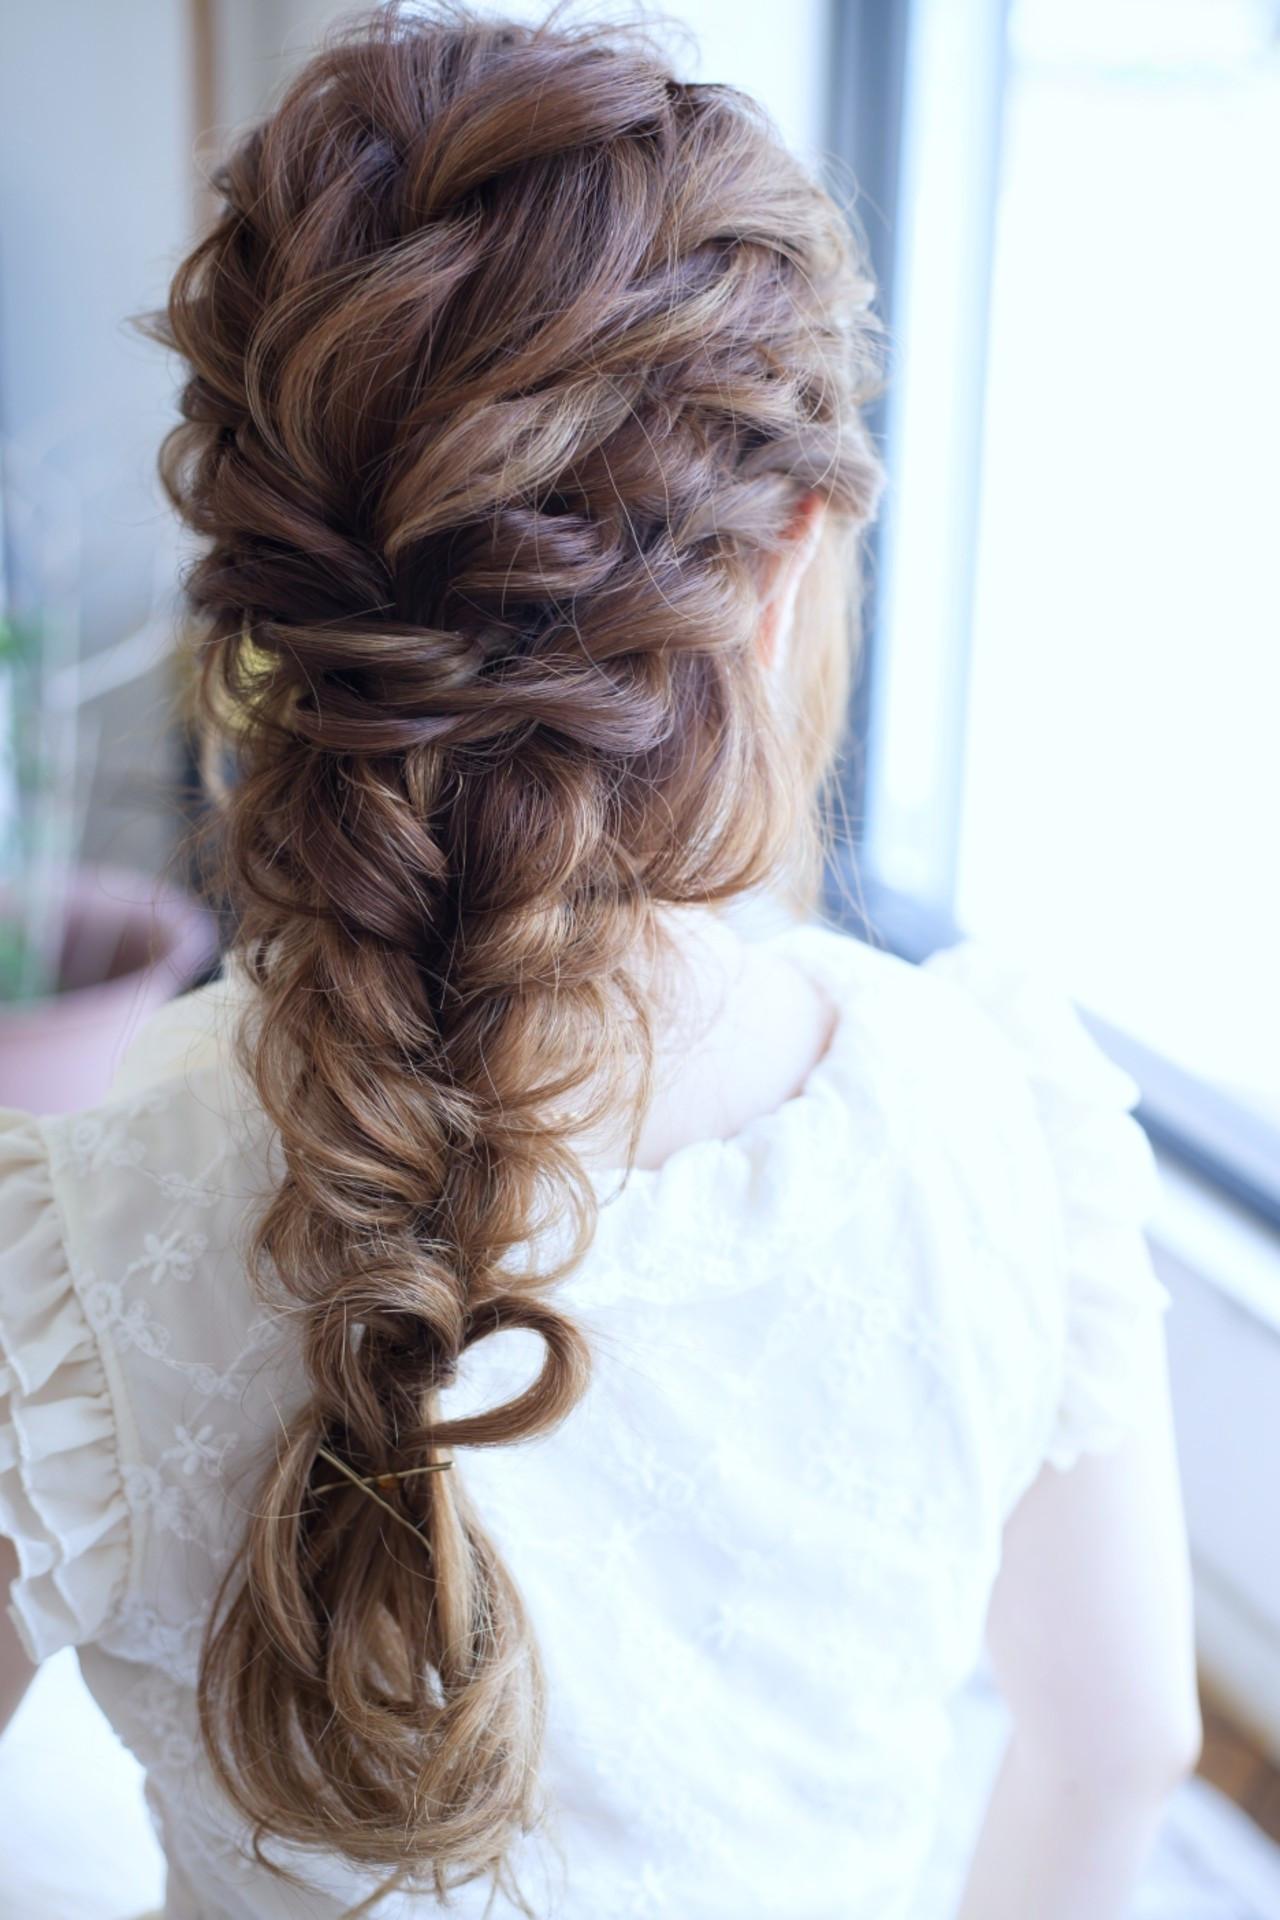 フェミニン ヘアアレンジ 夏 編み込み ヘアスタイルや髪型の写真・画像